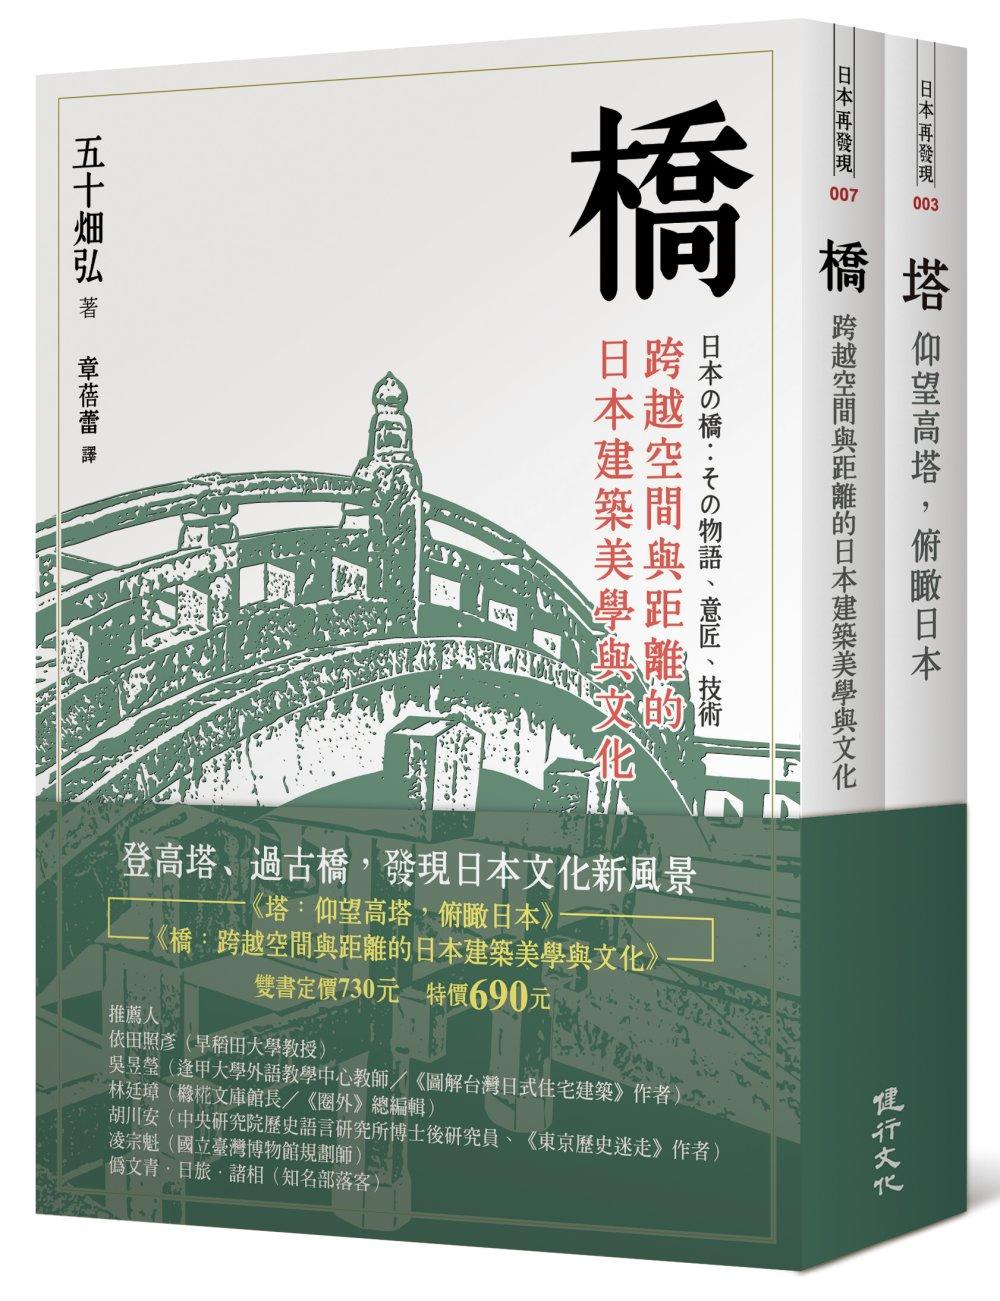 橋與塔:觀看日本文化的特殊角度